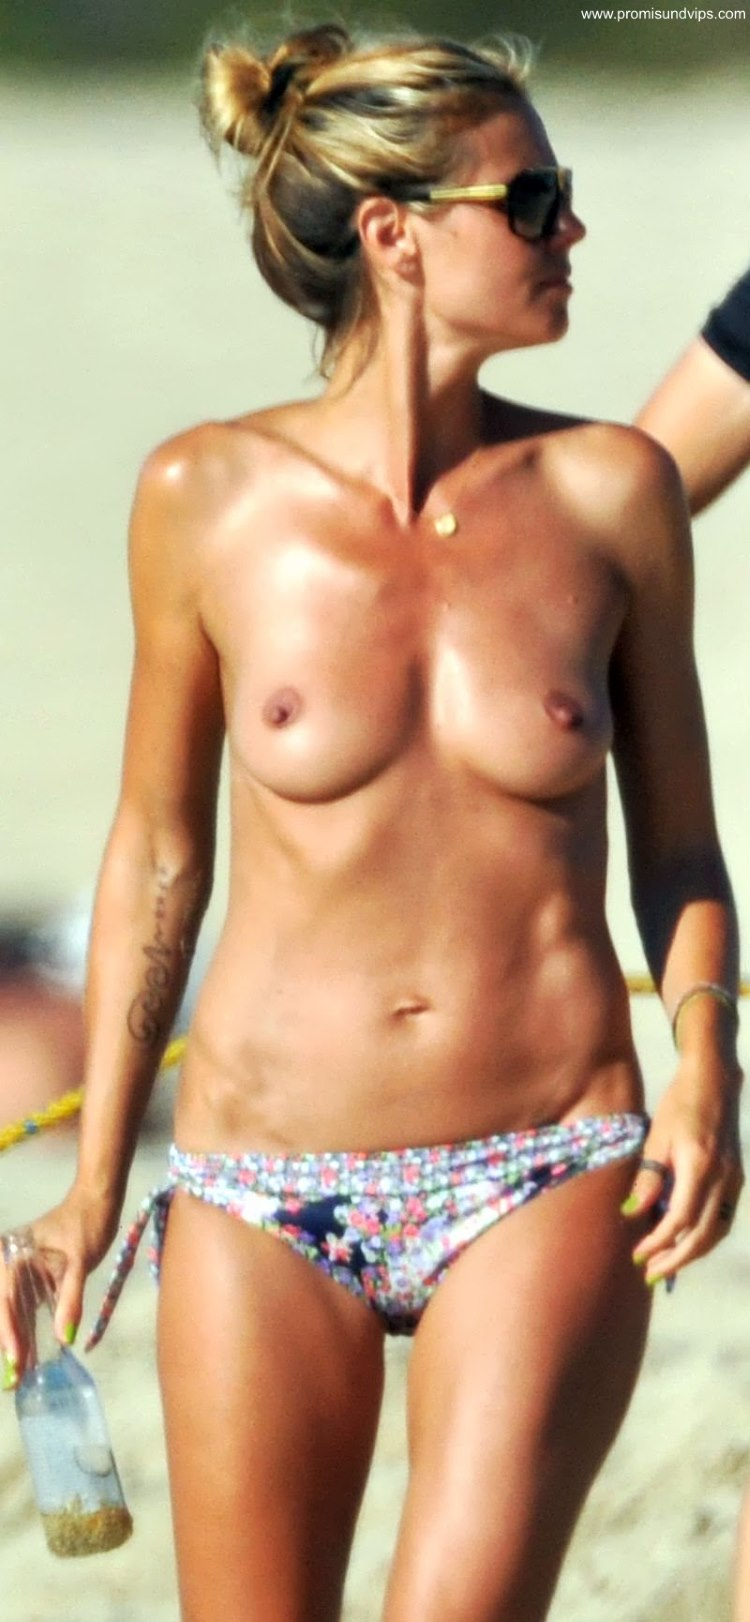 Heidi Montag nackt, Oben ohne Bilder, Playboy Fotos, Sex Szene